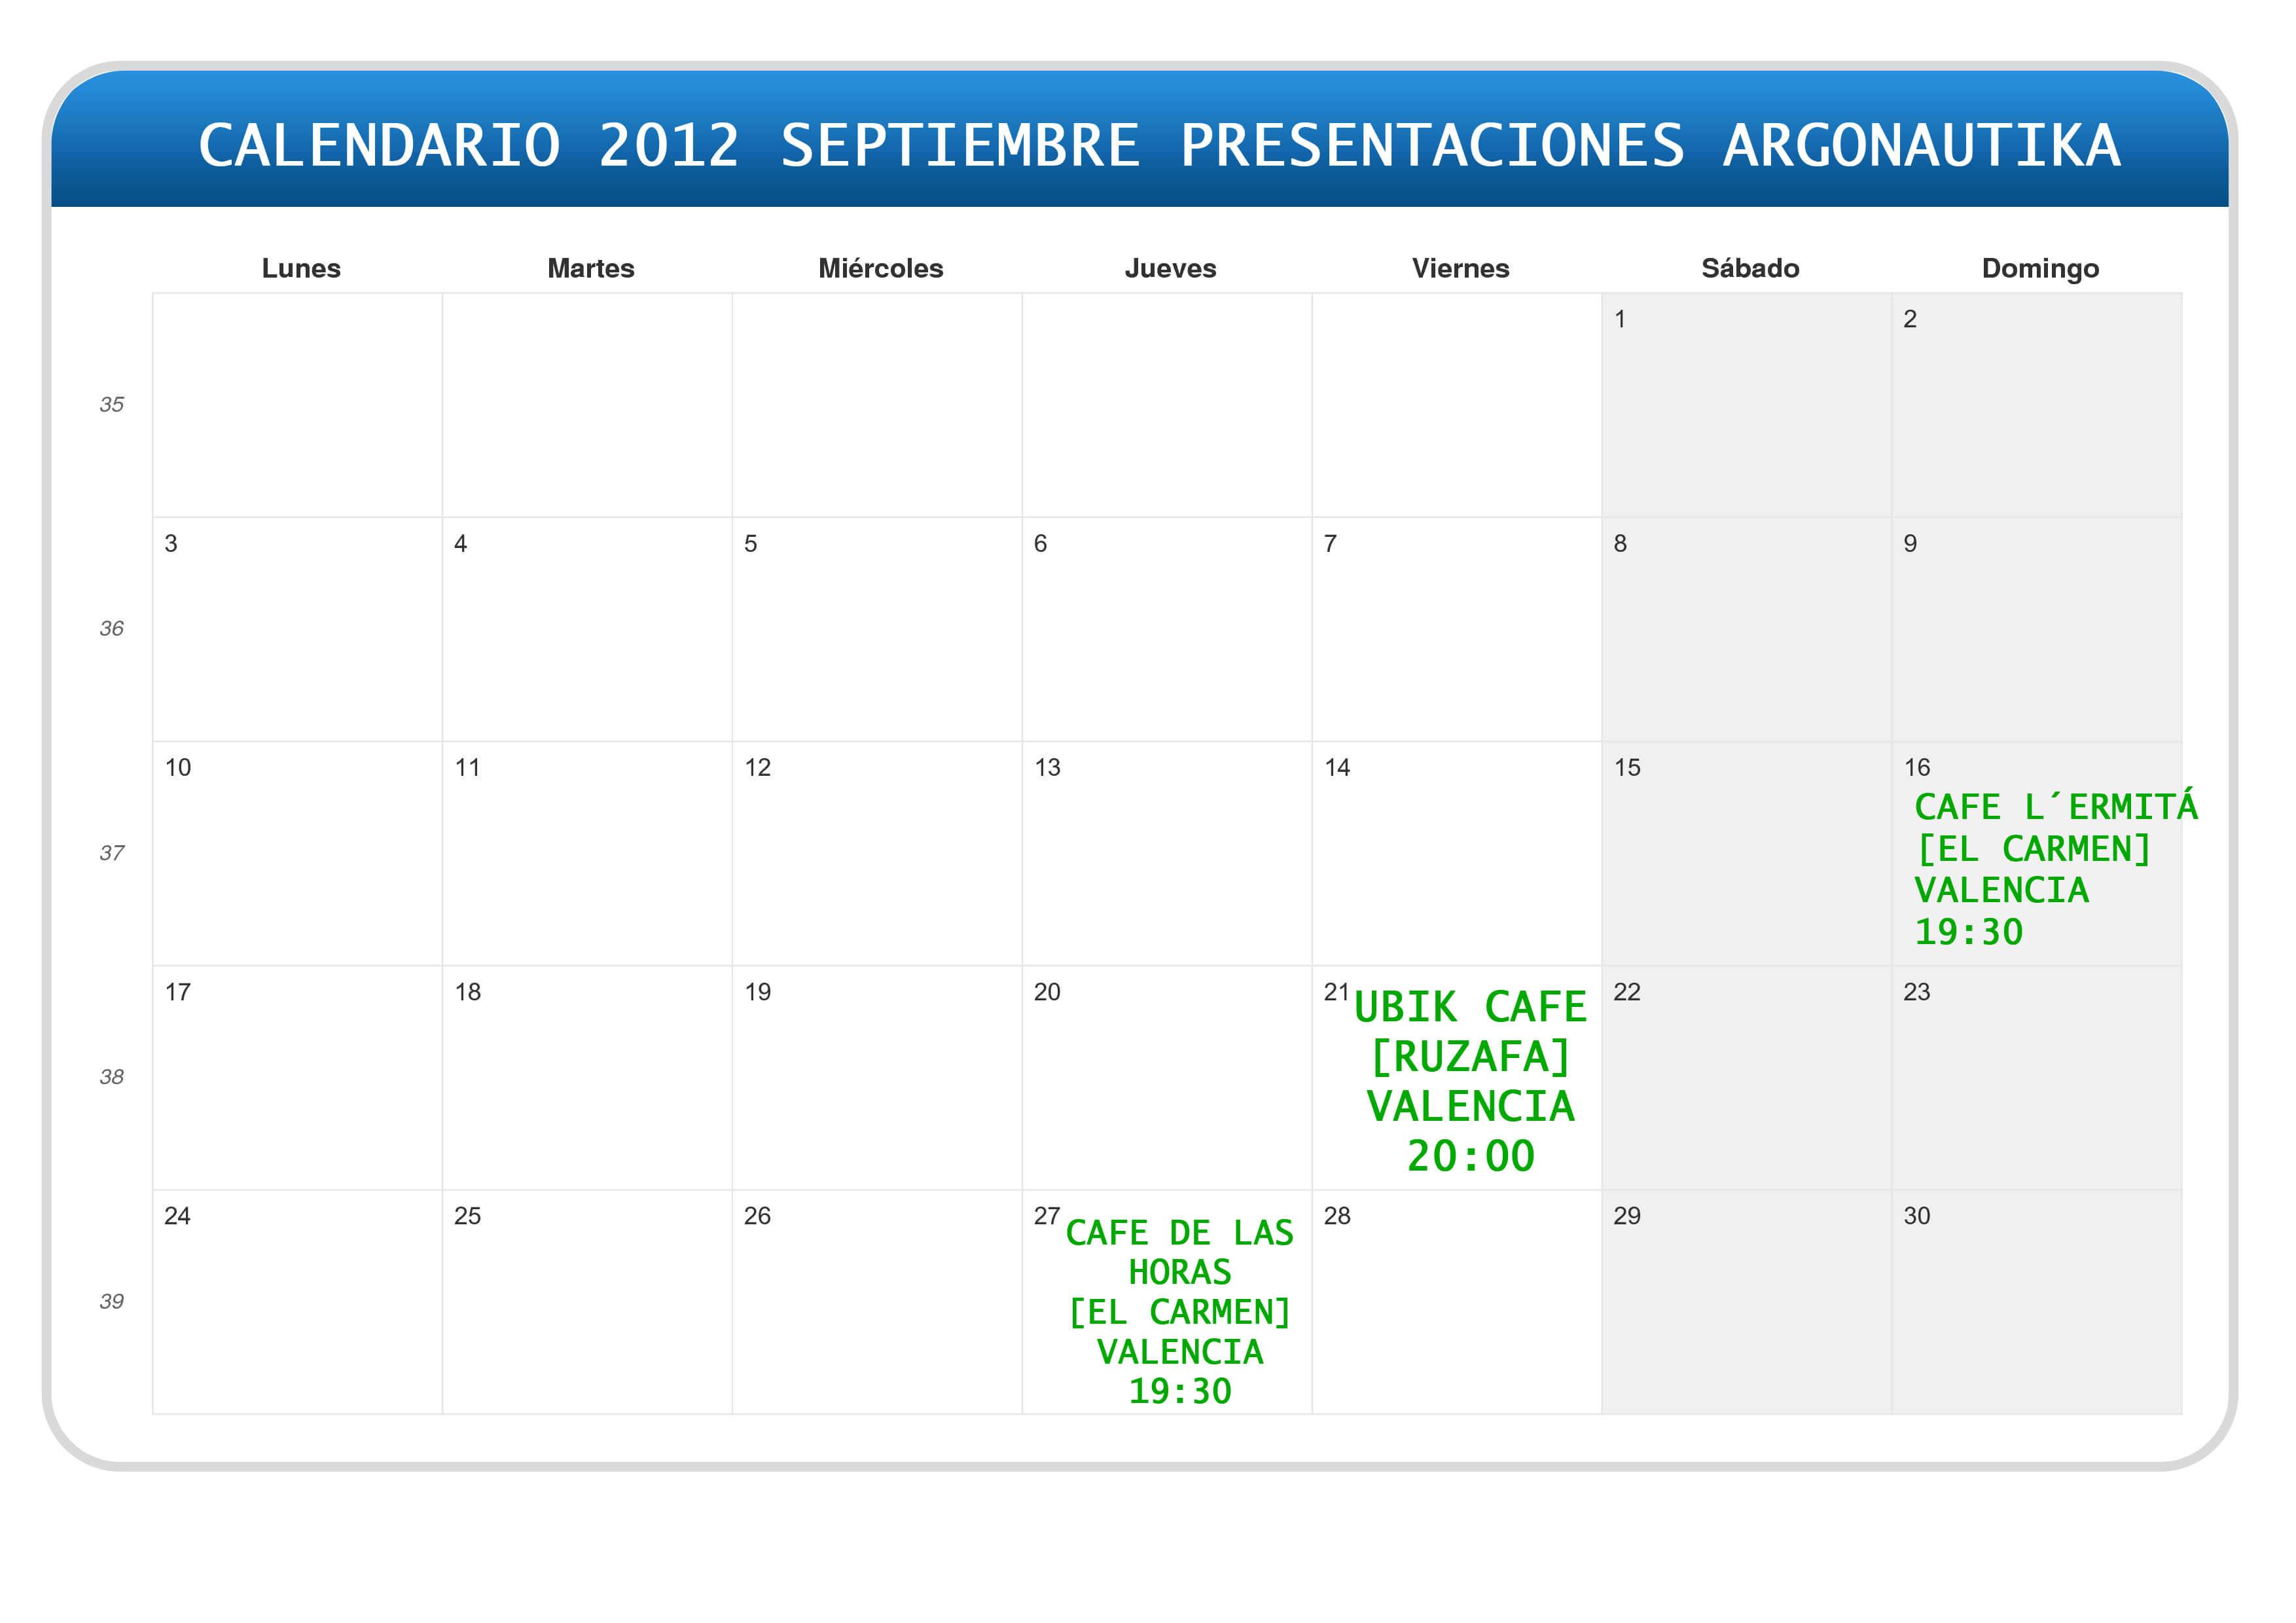 CALENDARIO PRESENTACIONES ARGONAUTIKA - ARGONAUTIKA PRESENTACIONES SEPTIEMBRE 2012 - CALENDARIO PRESENTACIONES ARGONAUTIKA